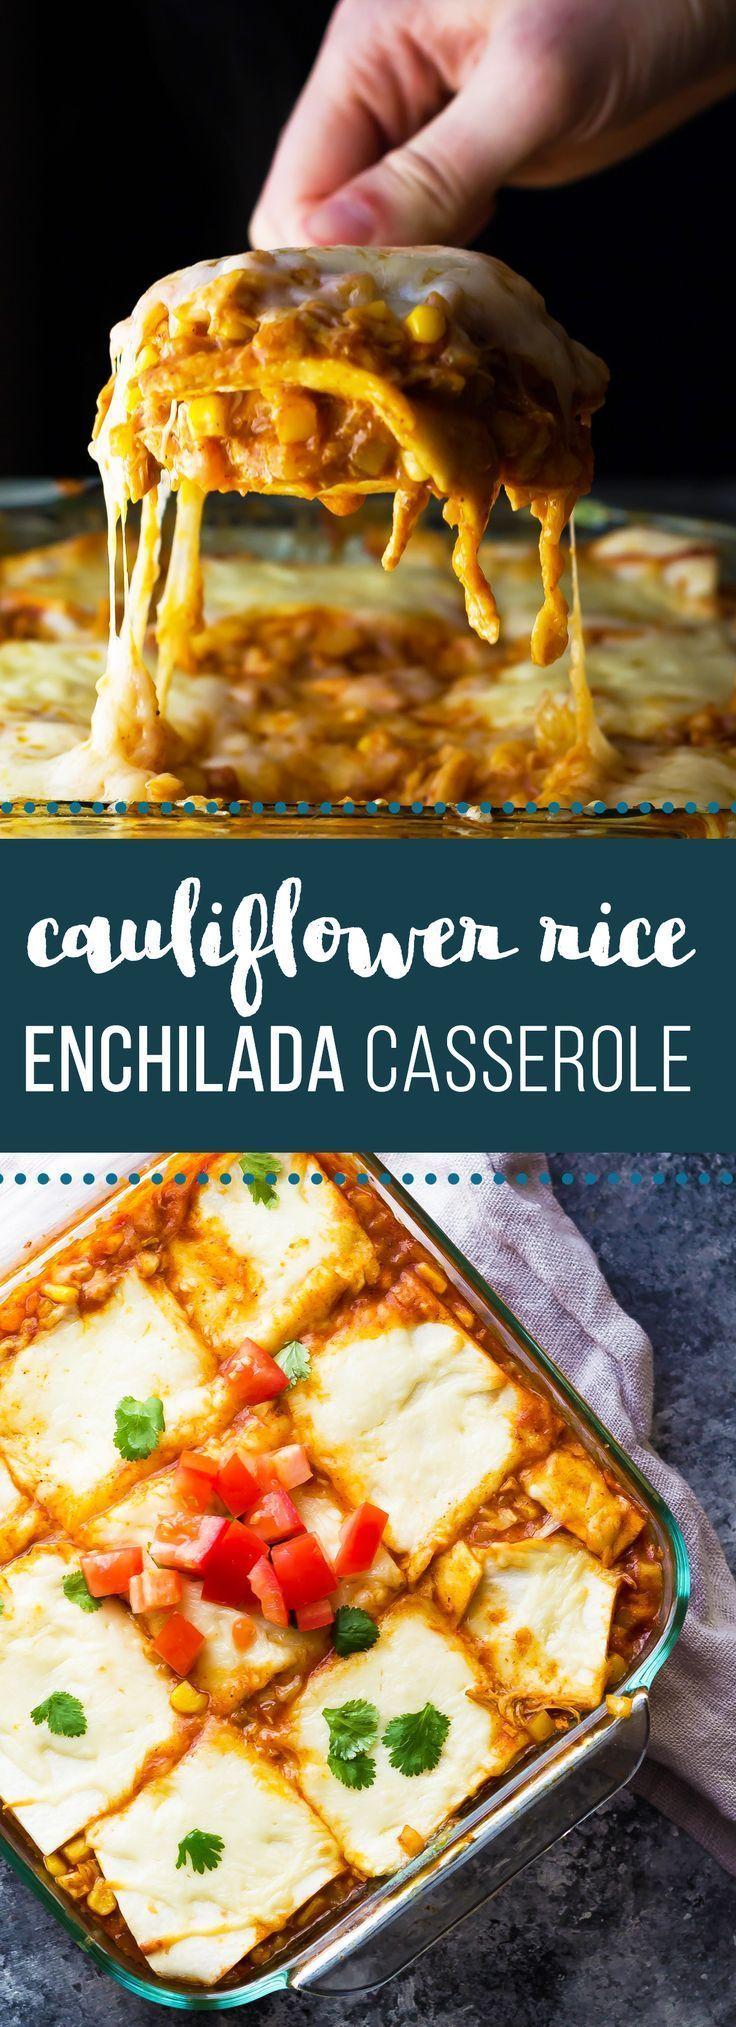 This Cauliflower Rice Chicken Enchilada Casserole is an easy, healthy dinner recipe. Cauliflower Rice Chicken Enchilada Casserole is an easy, healthy dinner recipe.